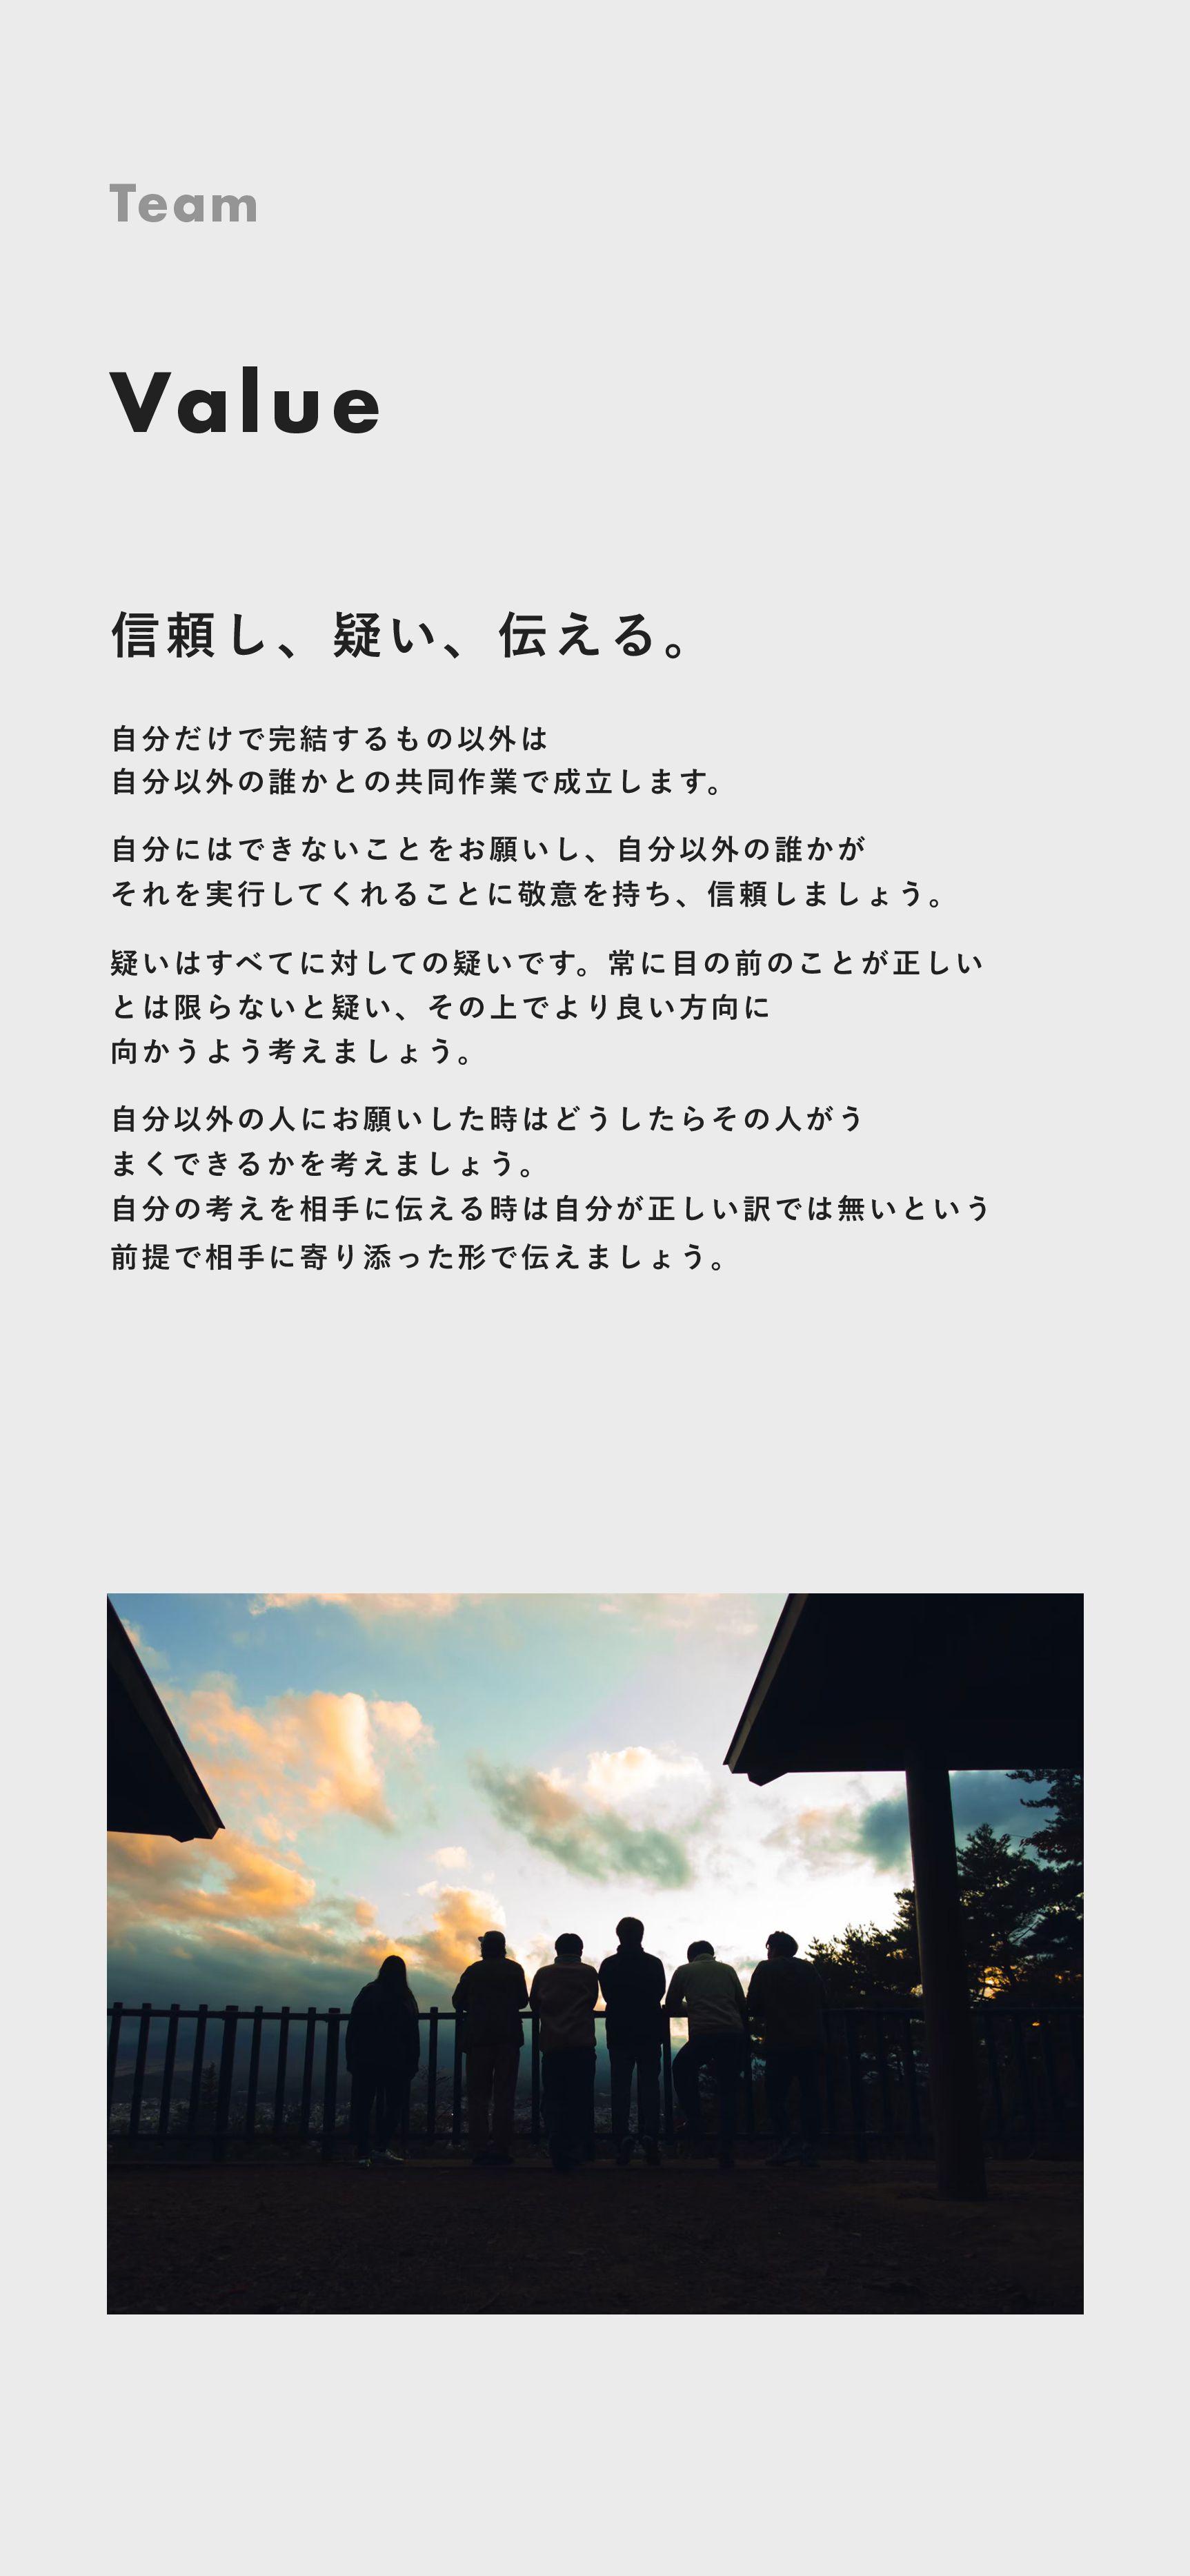 Team νʔϜʹ͍ͭͯ